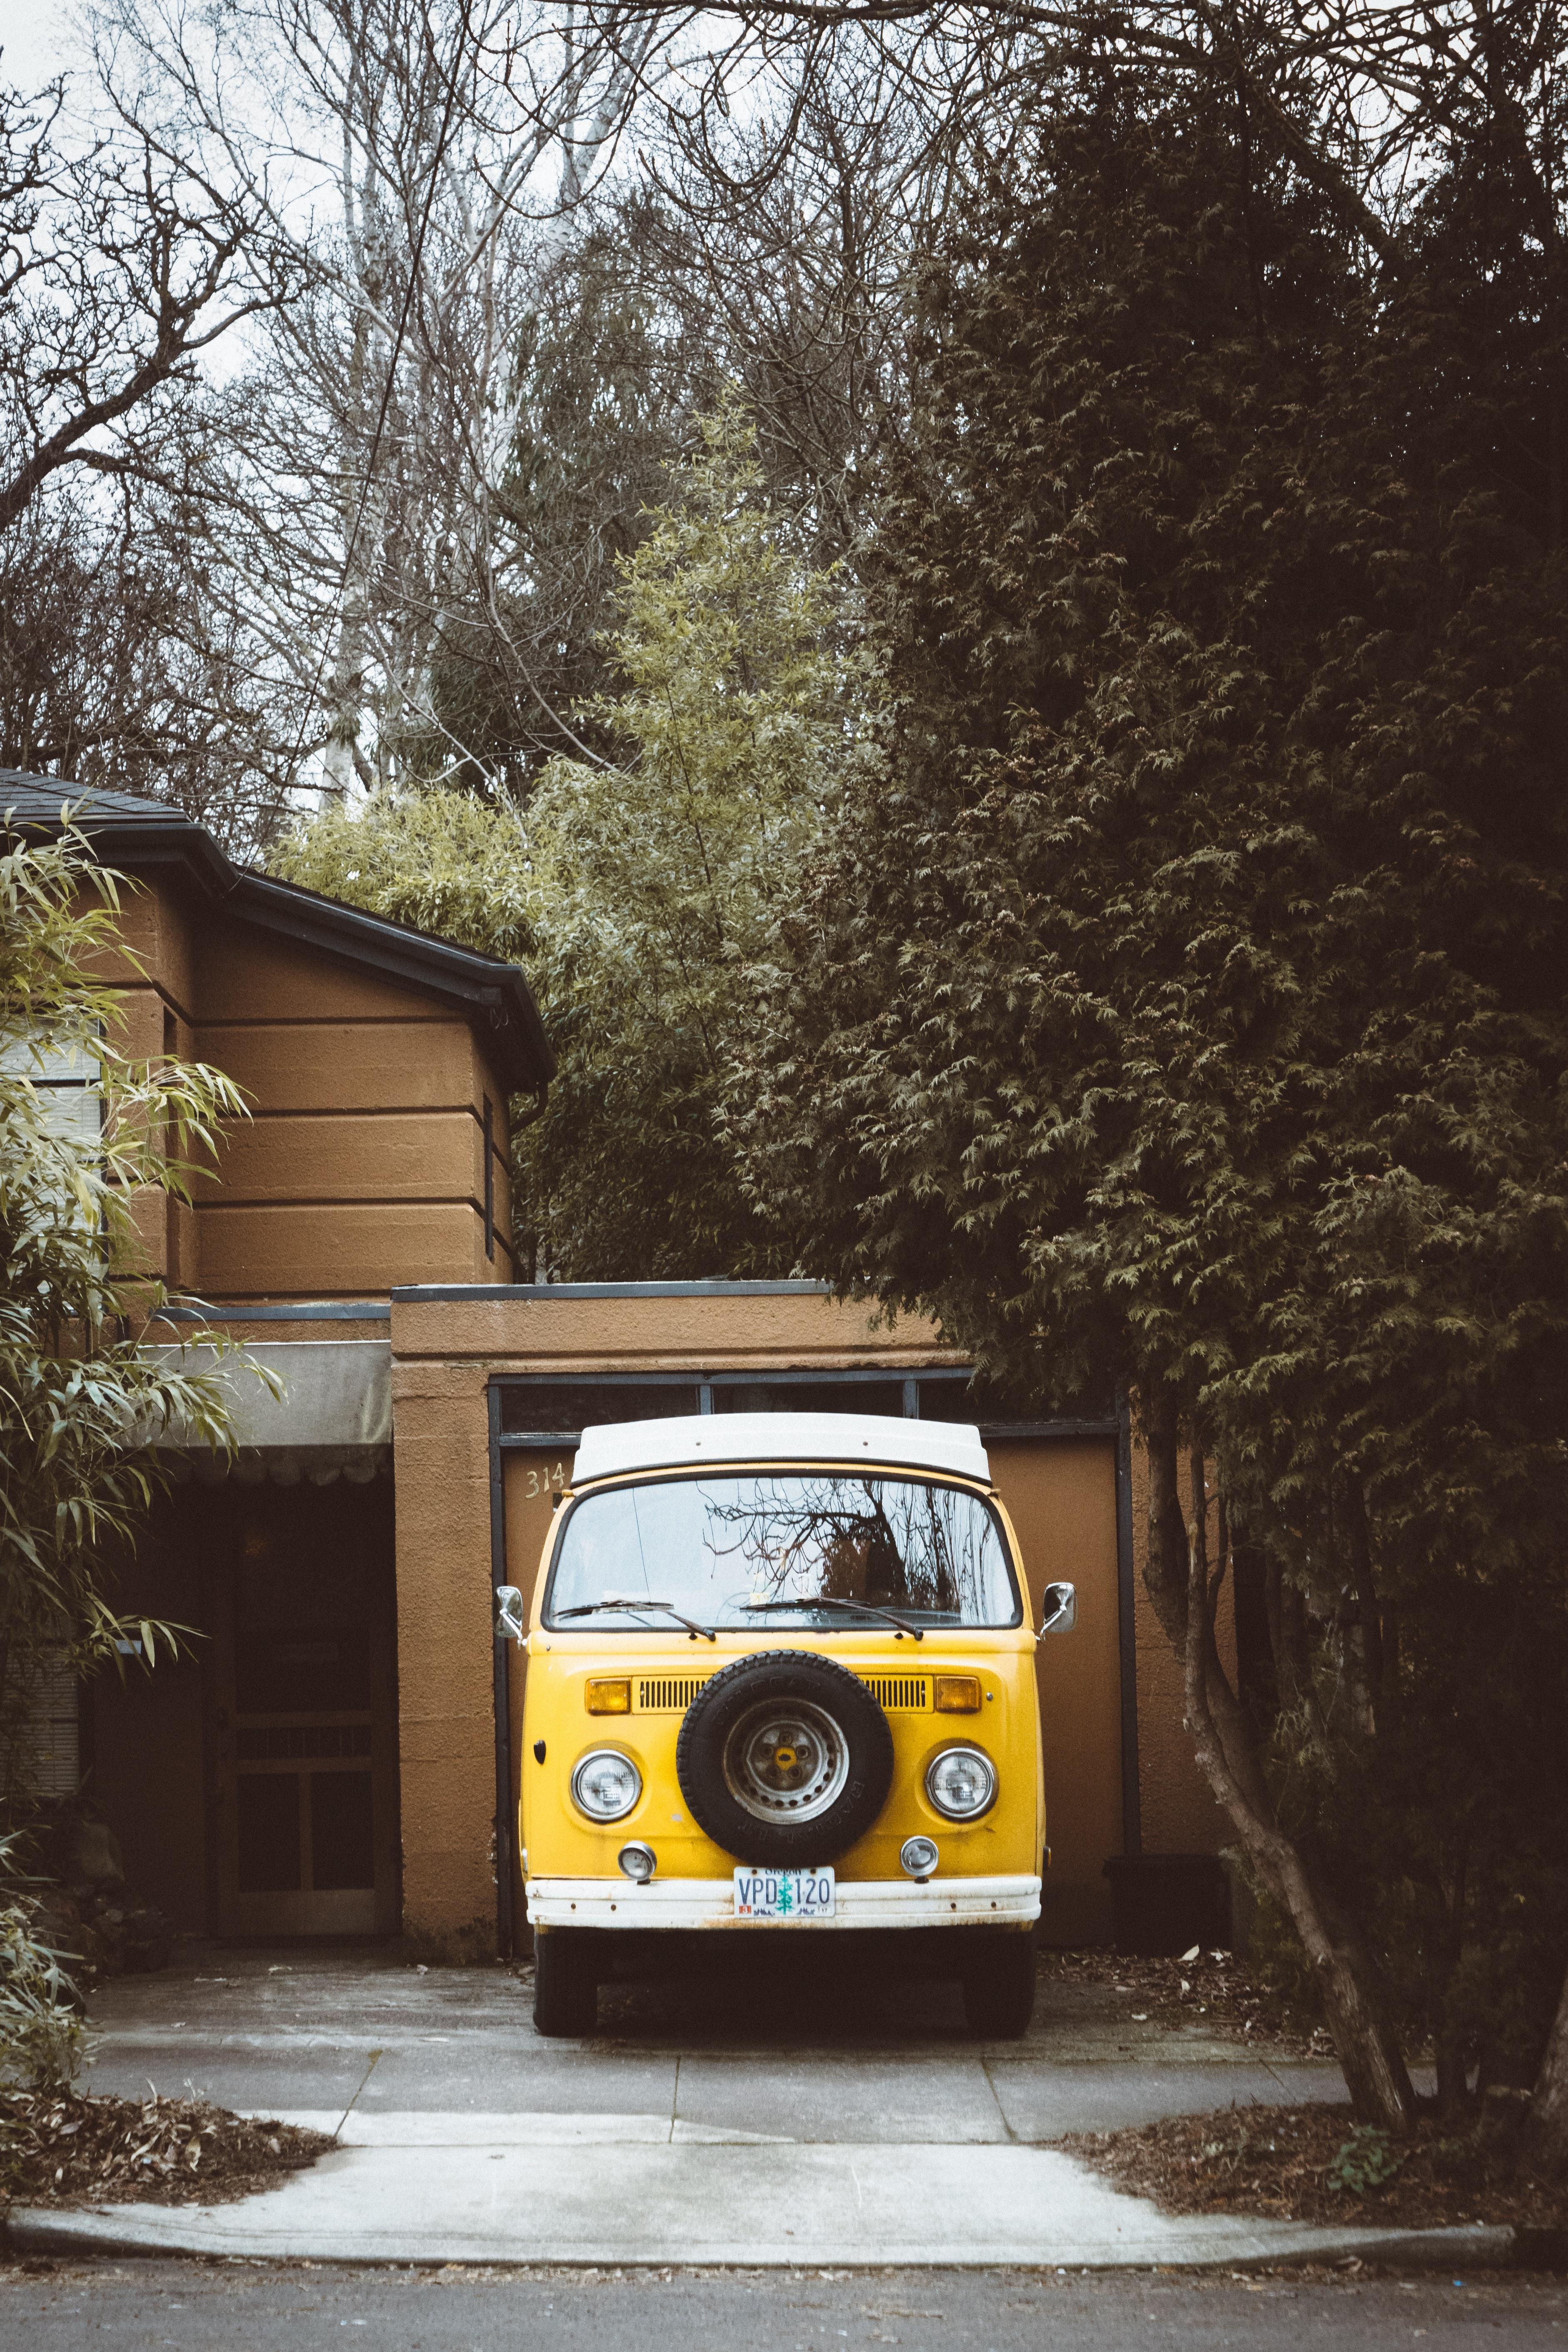 350 Volkswagen Van Pictures Hd Download Free Images On Unsplash